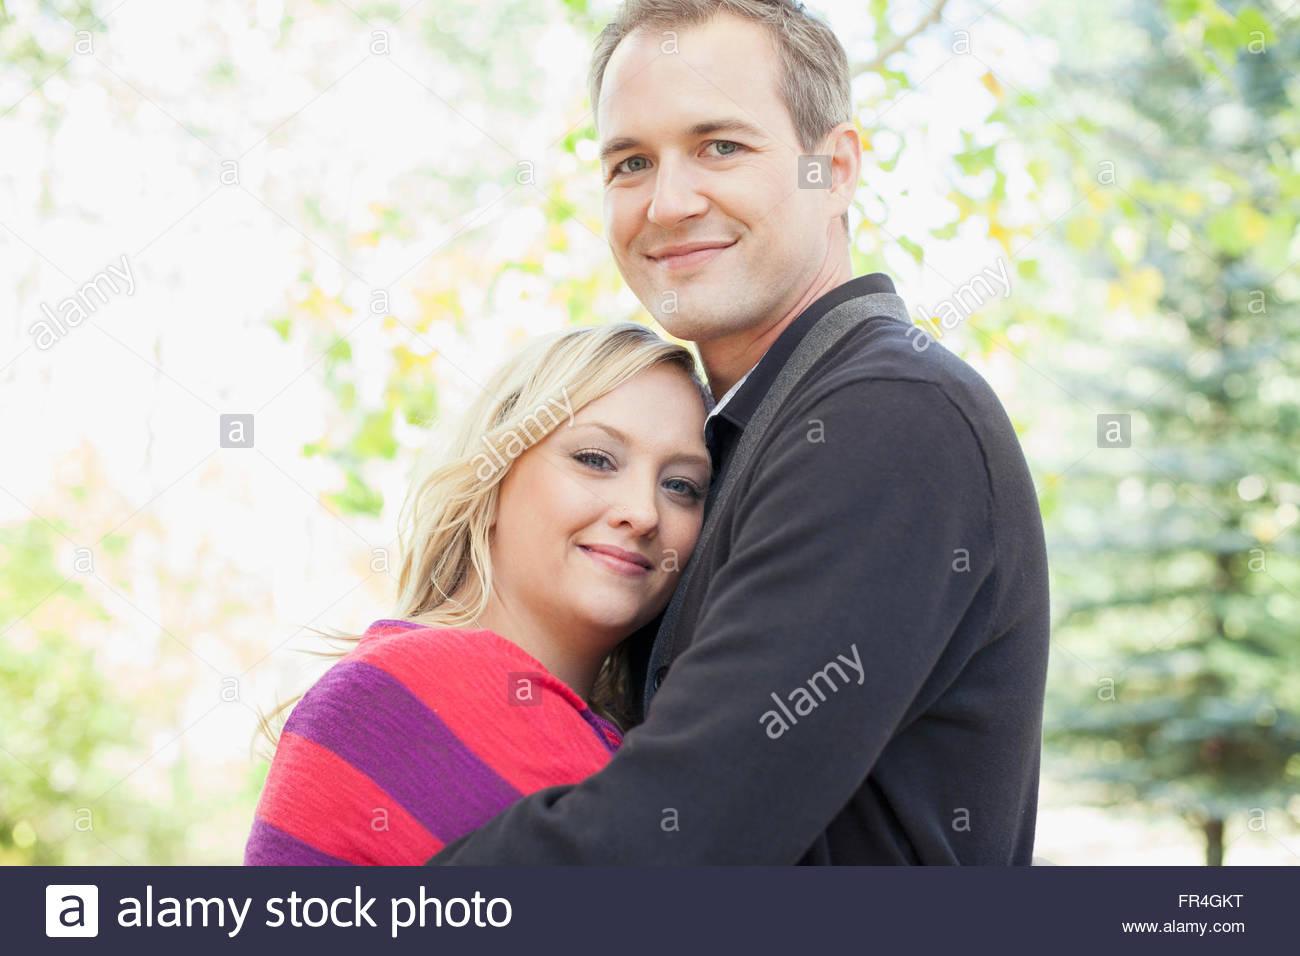 Ritratto di attraente il marito e la moglie che abbraccia ogni altro. Immagini Stock